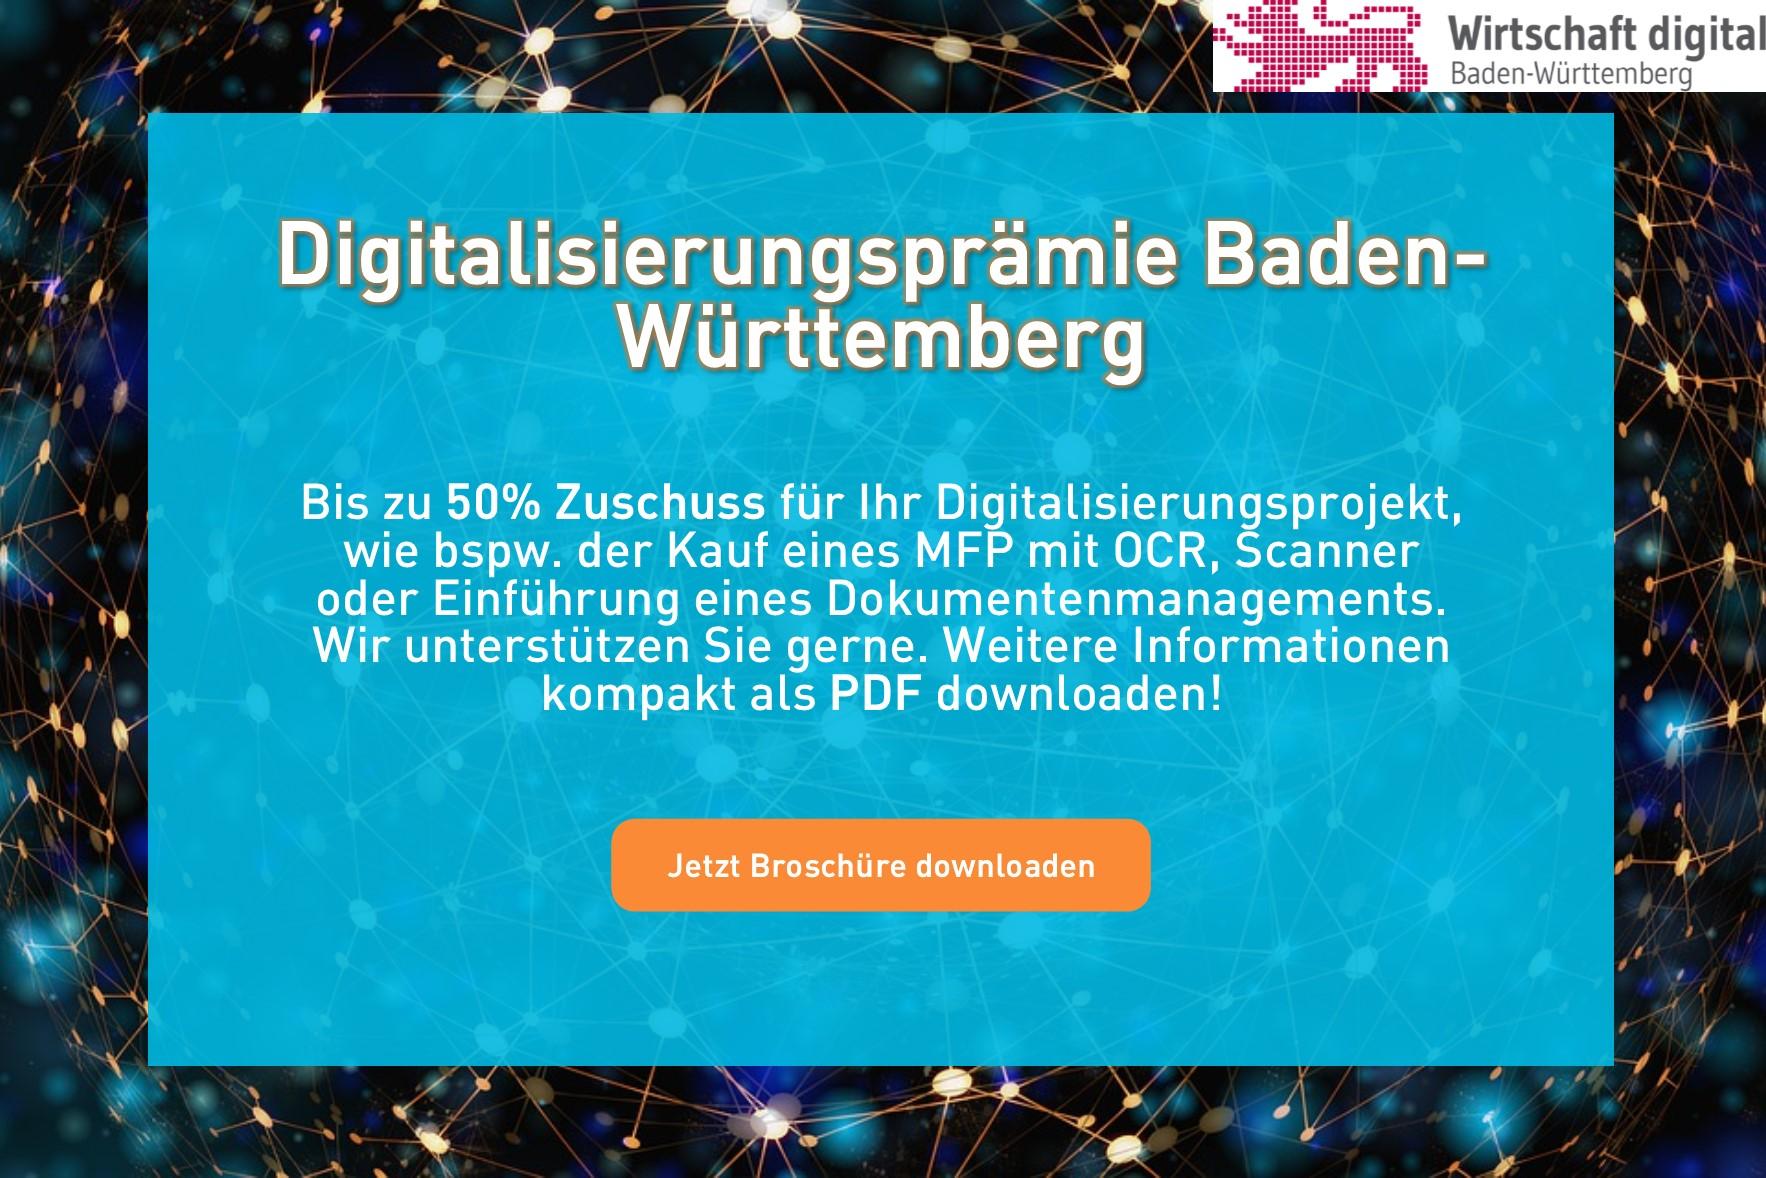 Digitalisierungspr-miefJsYTzzekmoPI